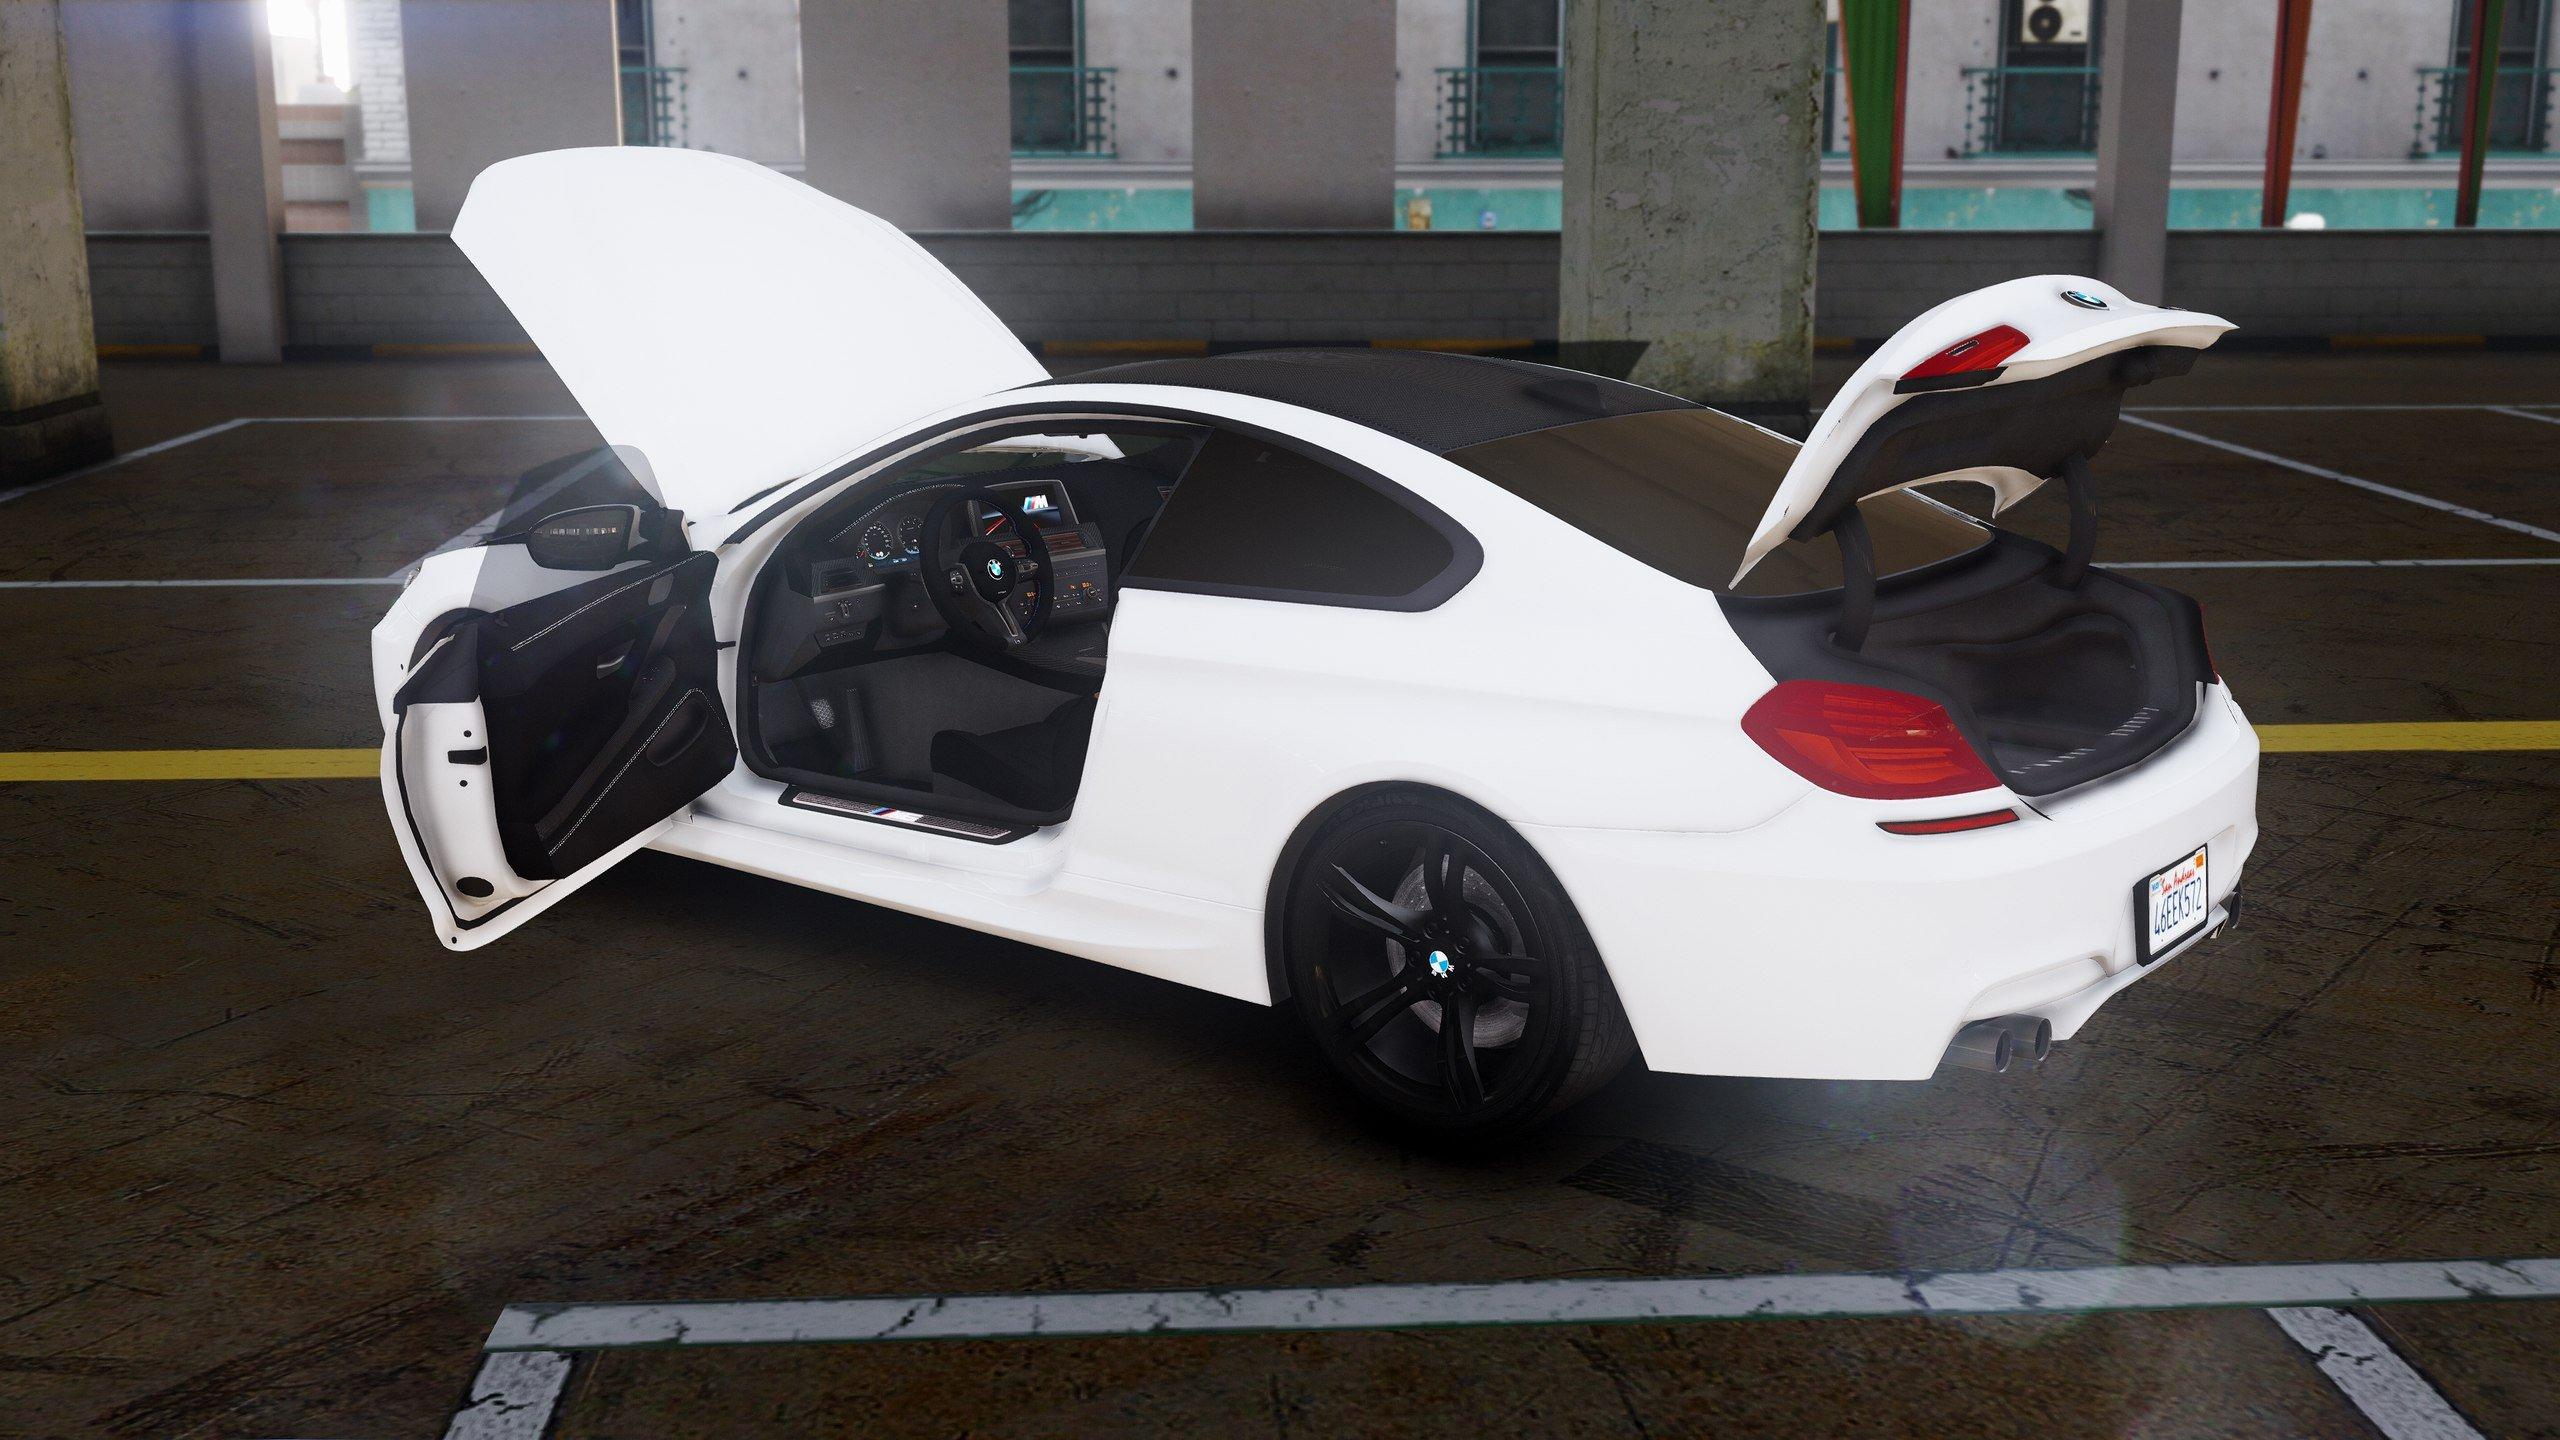 Me2 dlc patcher auto